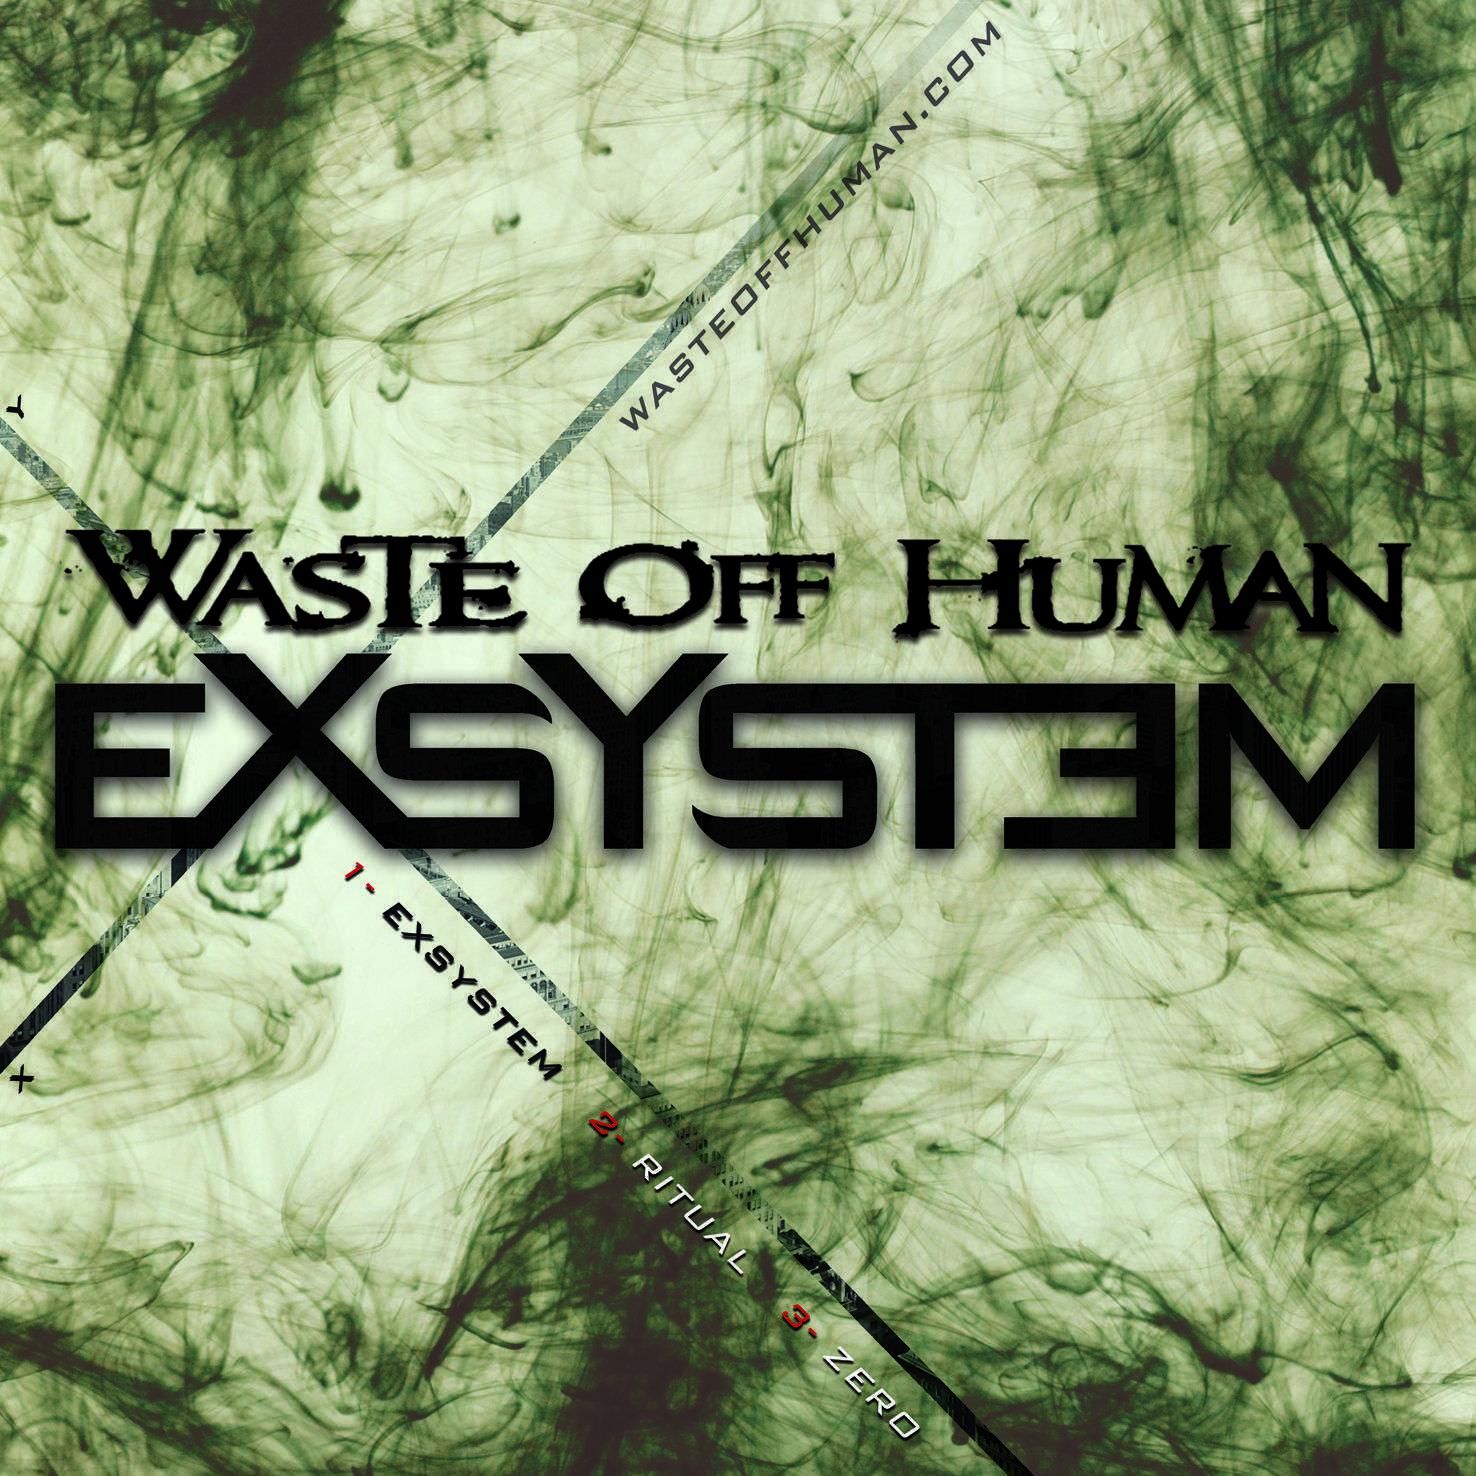 Descarga nuevo ep de Waste off Human «EXSYSTEM»